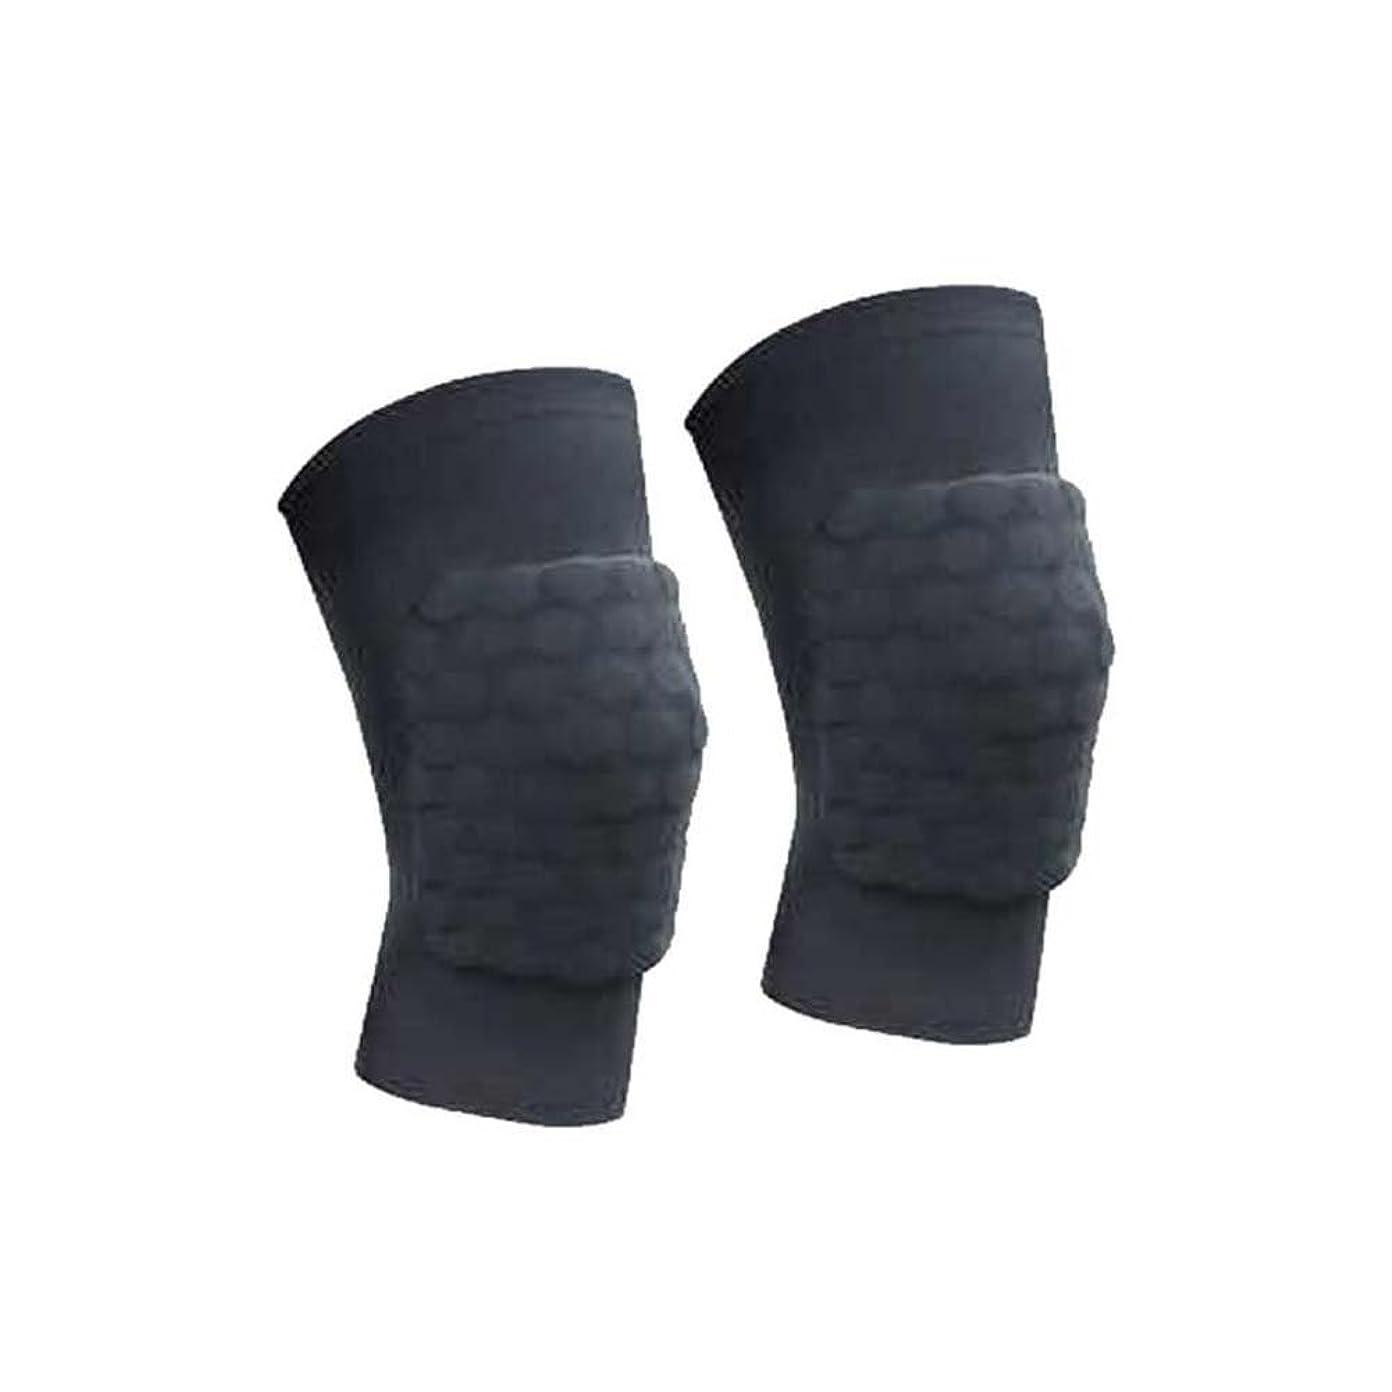 不均一長方形効率的に膝パッドは、痛みの保護パッドを解放します。ひざ掛けプロテクター(黒)